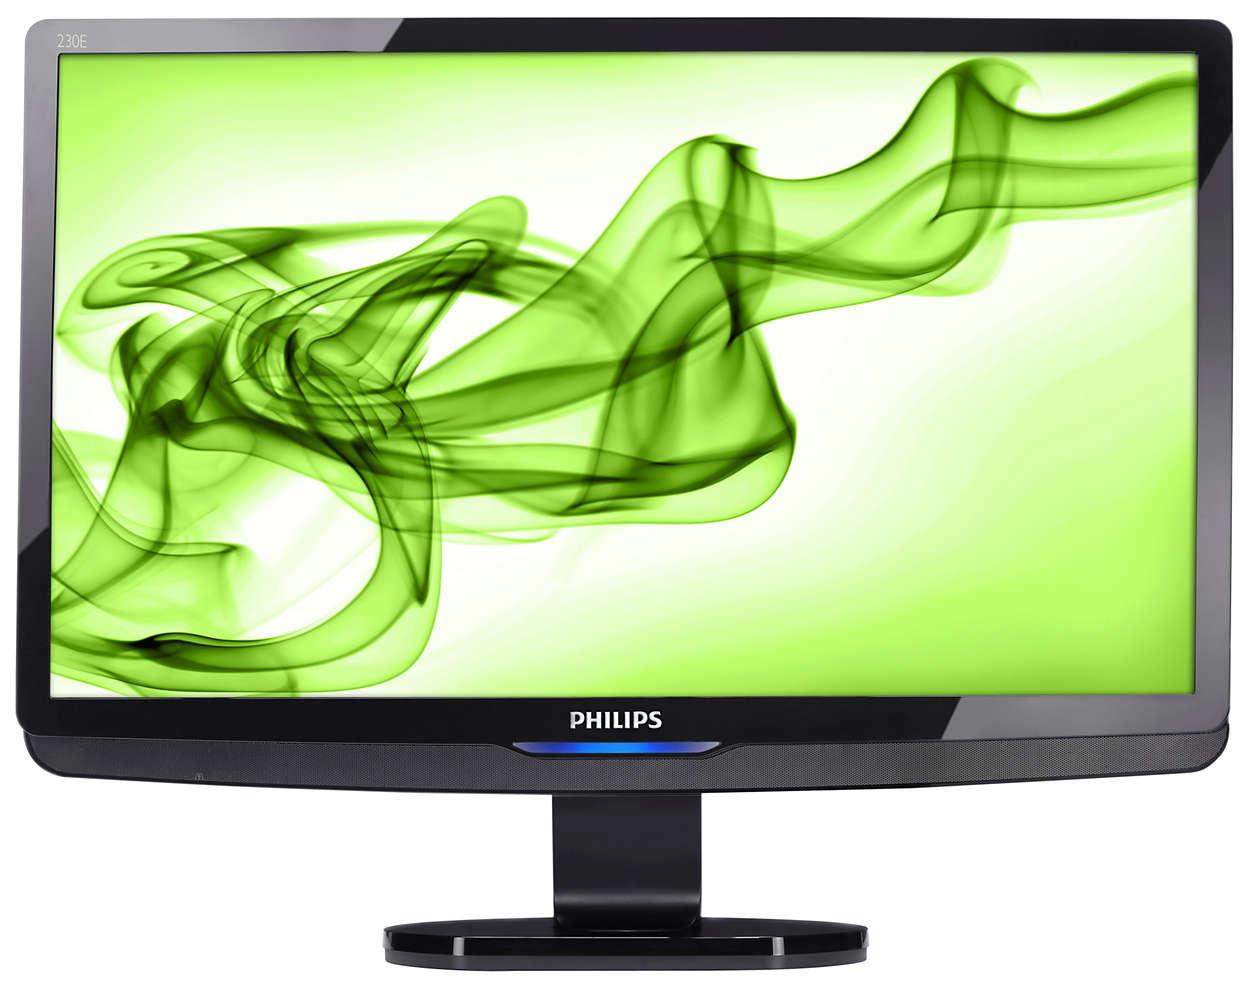 Affichage HDMI FullHD